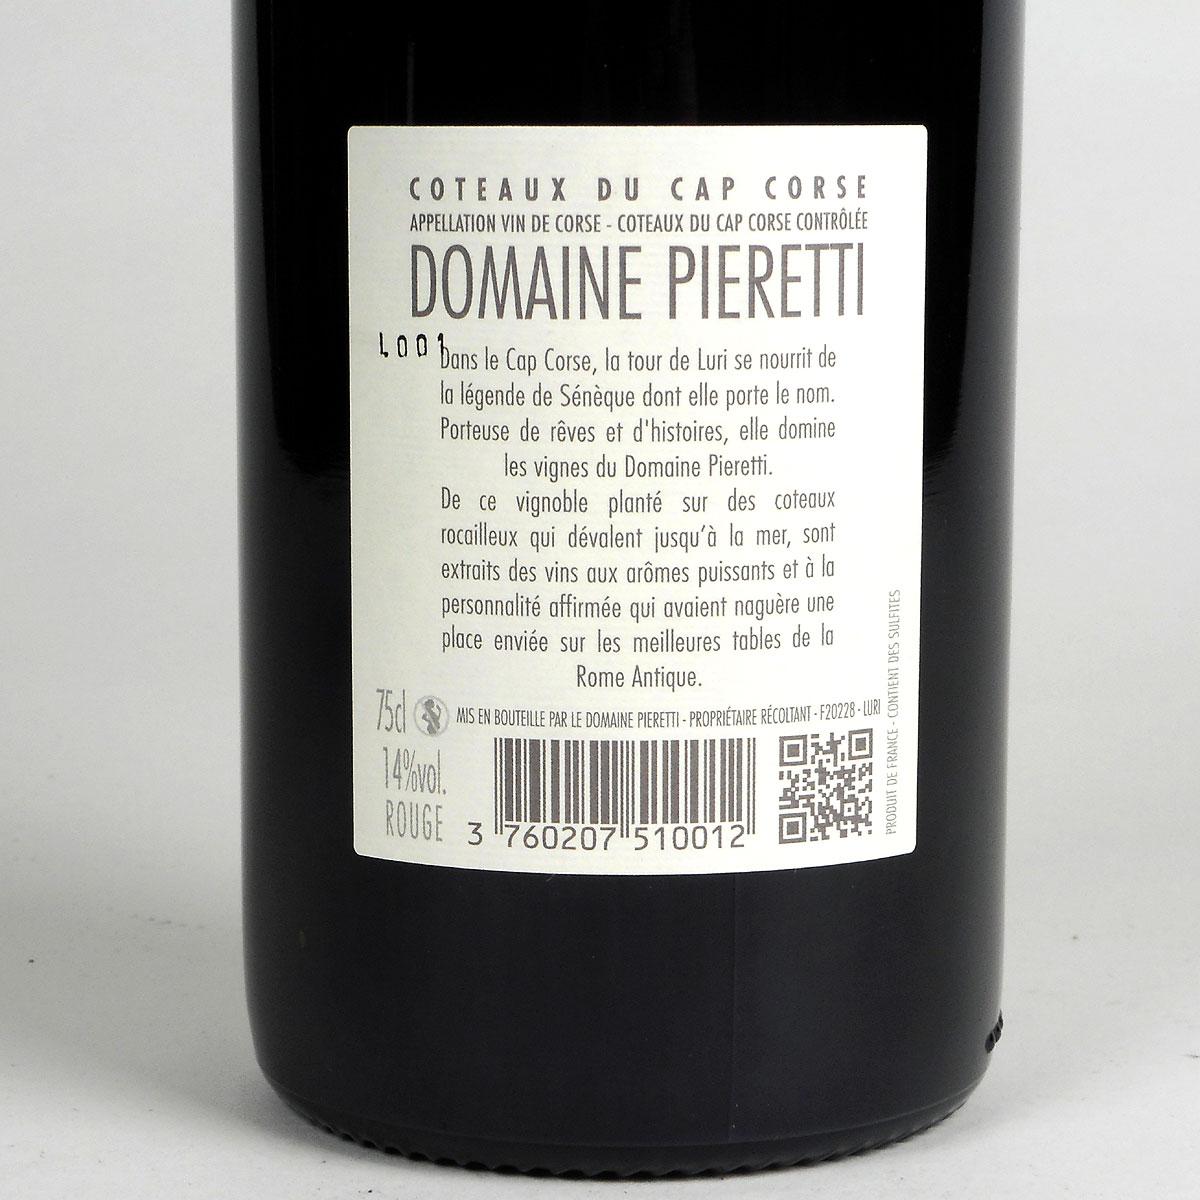 Coteaux du Cap Corse: Domaine Pieretti Rouge 2019 - Bottle Rear Label